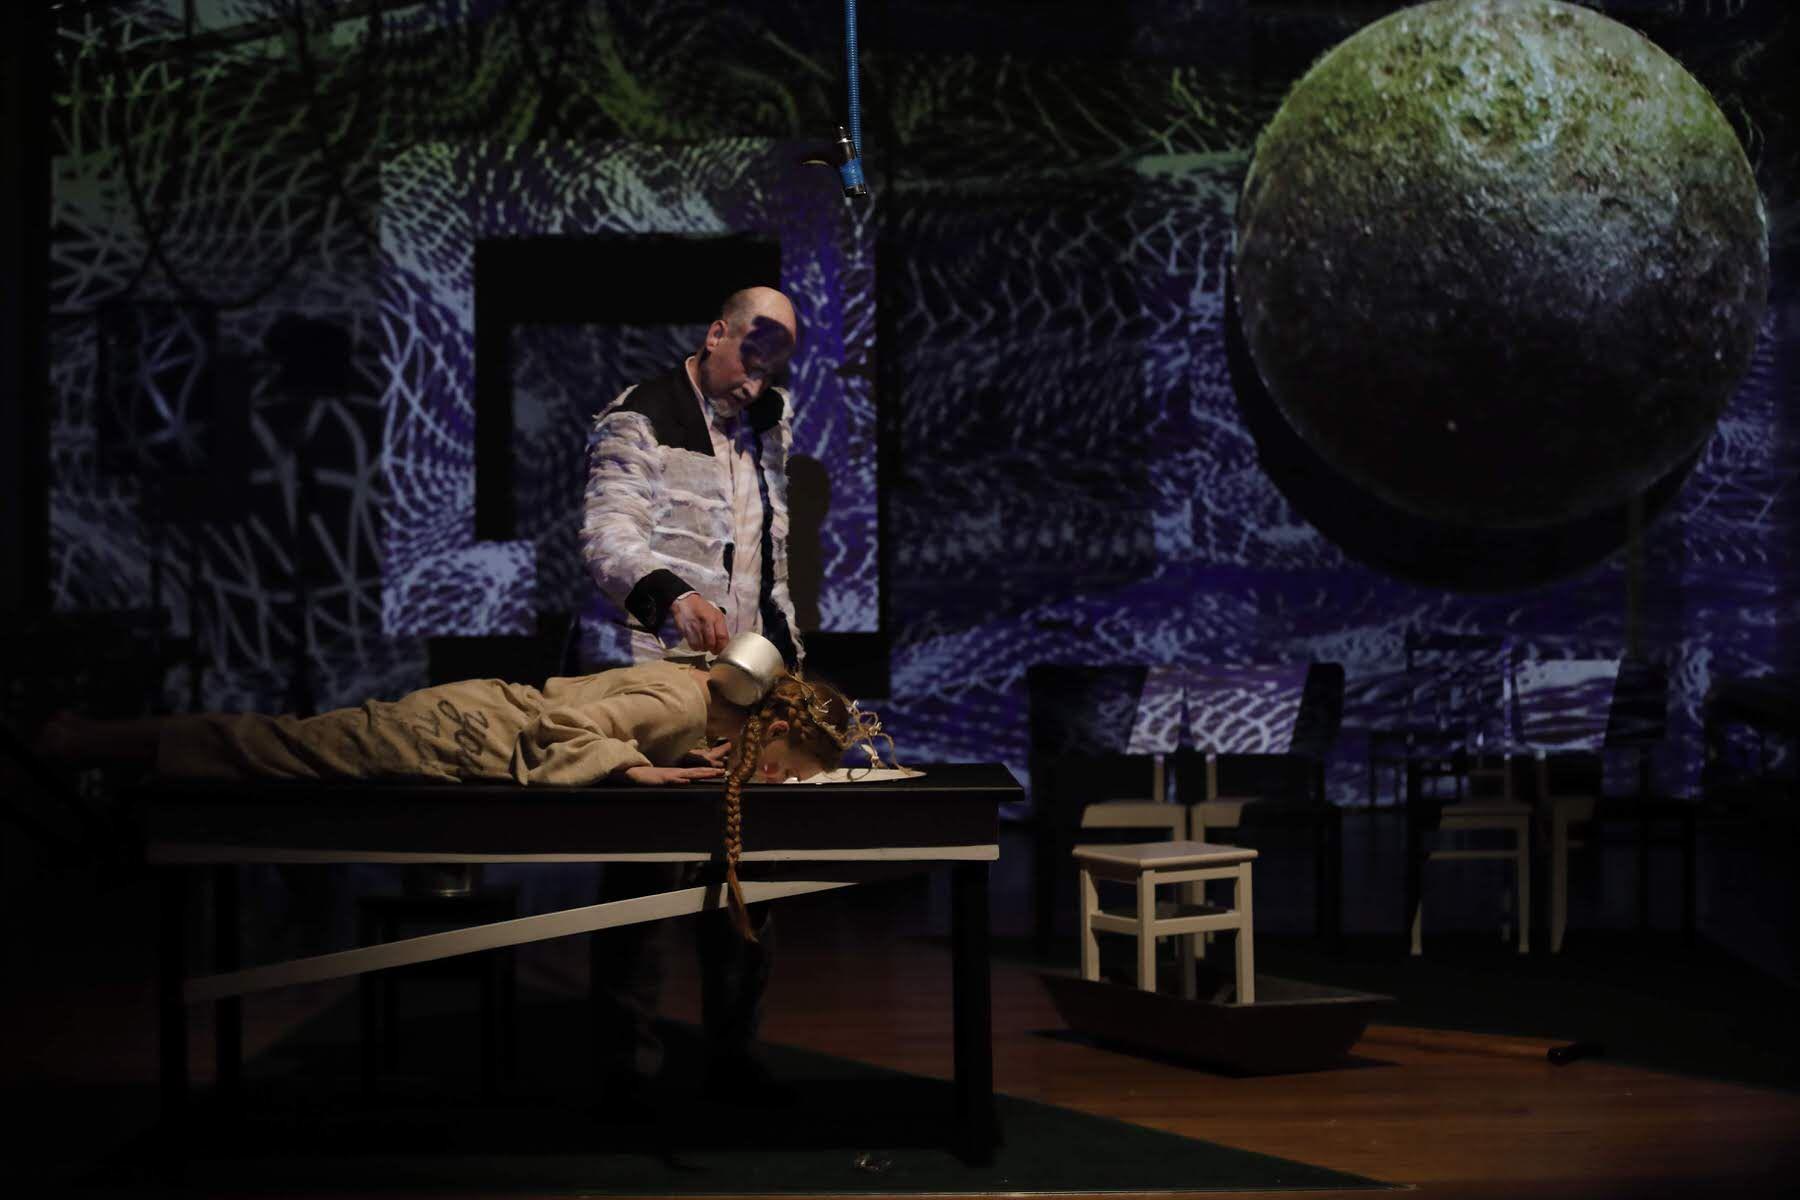 Спектакль «Кони за окном» в театре «Школа драматического искусства» фото 1